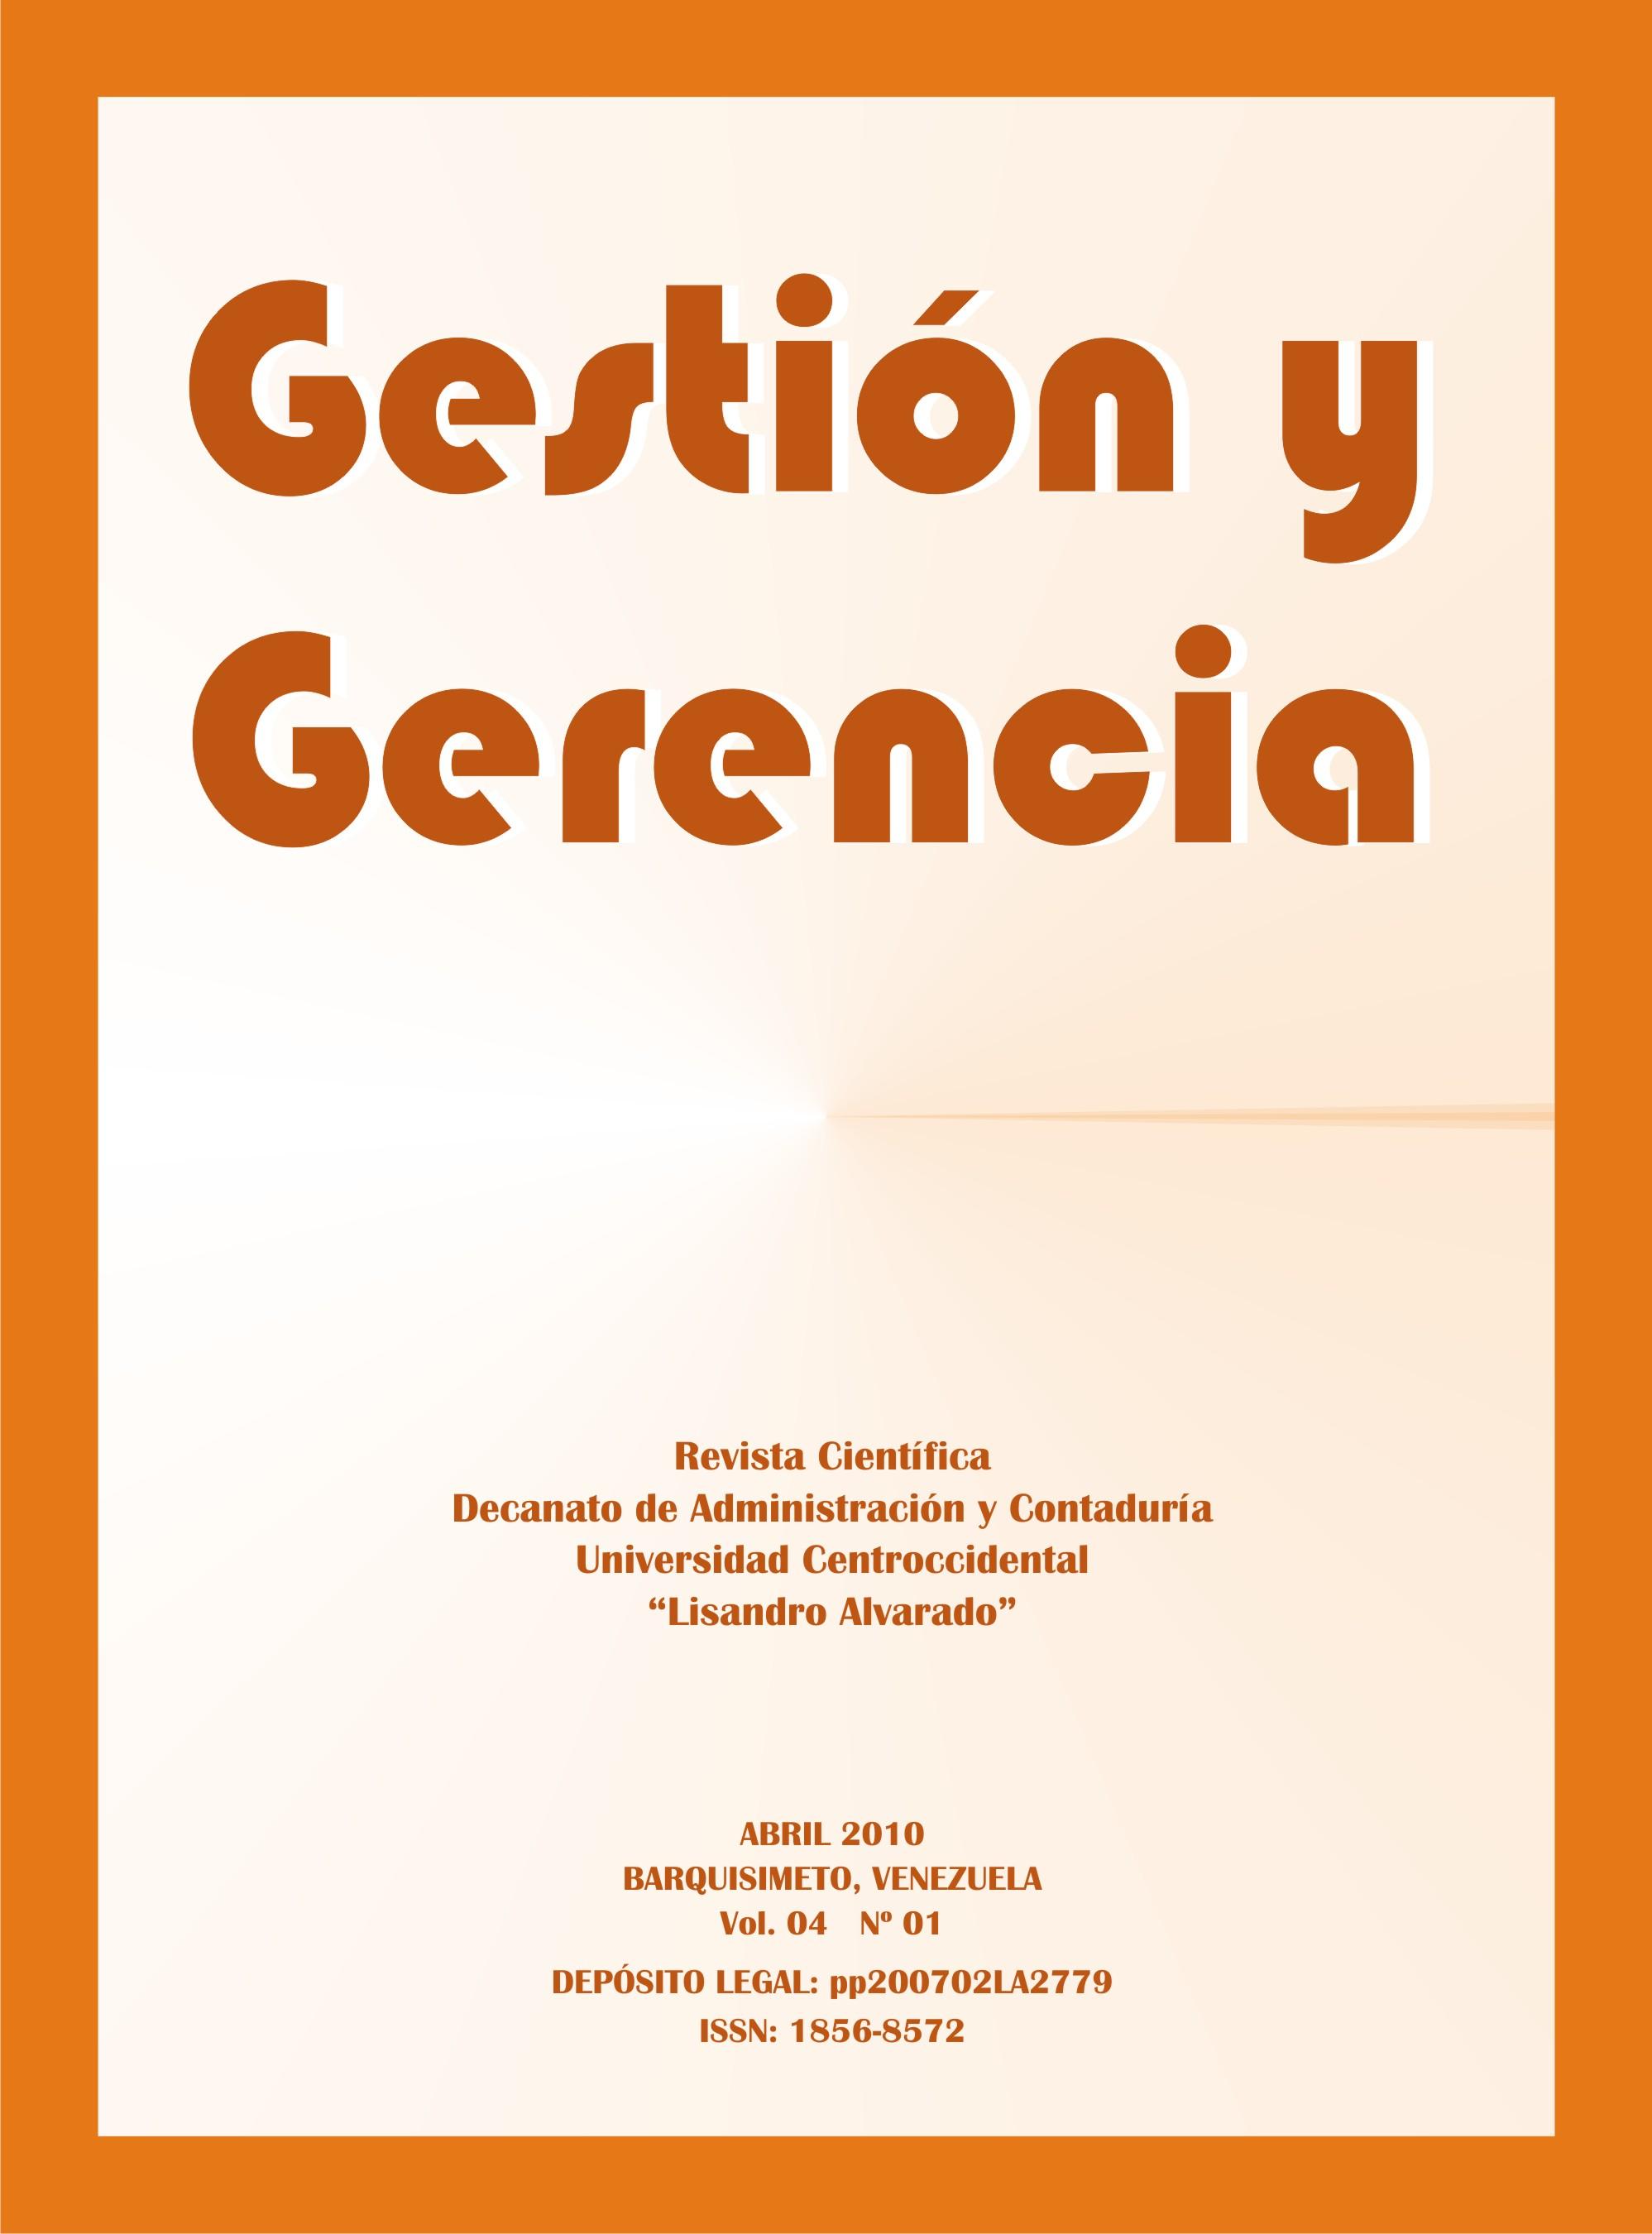 Descripción: Descripción: http://www.ucla.edu.ve/DAC/investigacion/gyg/GyG%202009/Diciembre%202009/Portada-Dic-2009.jpg